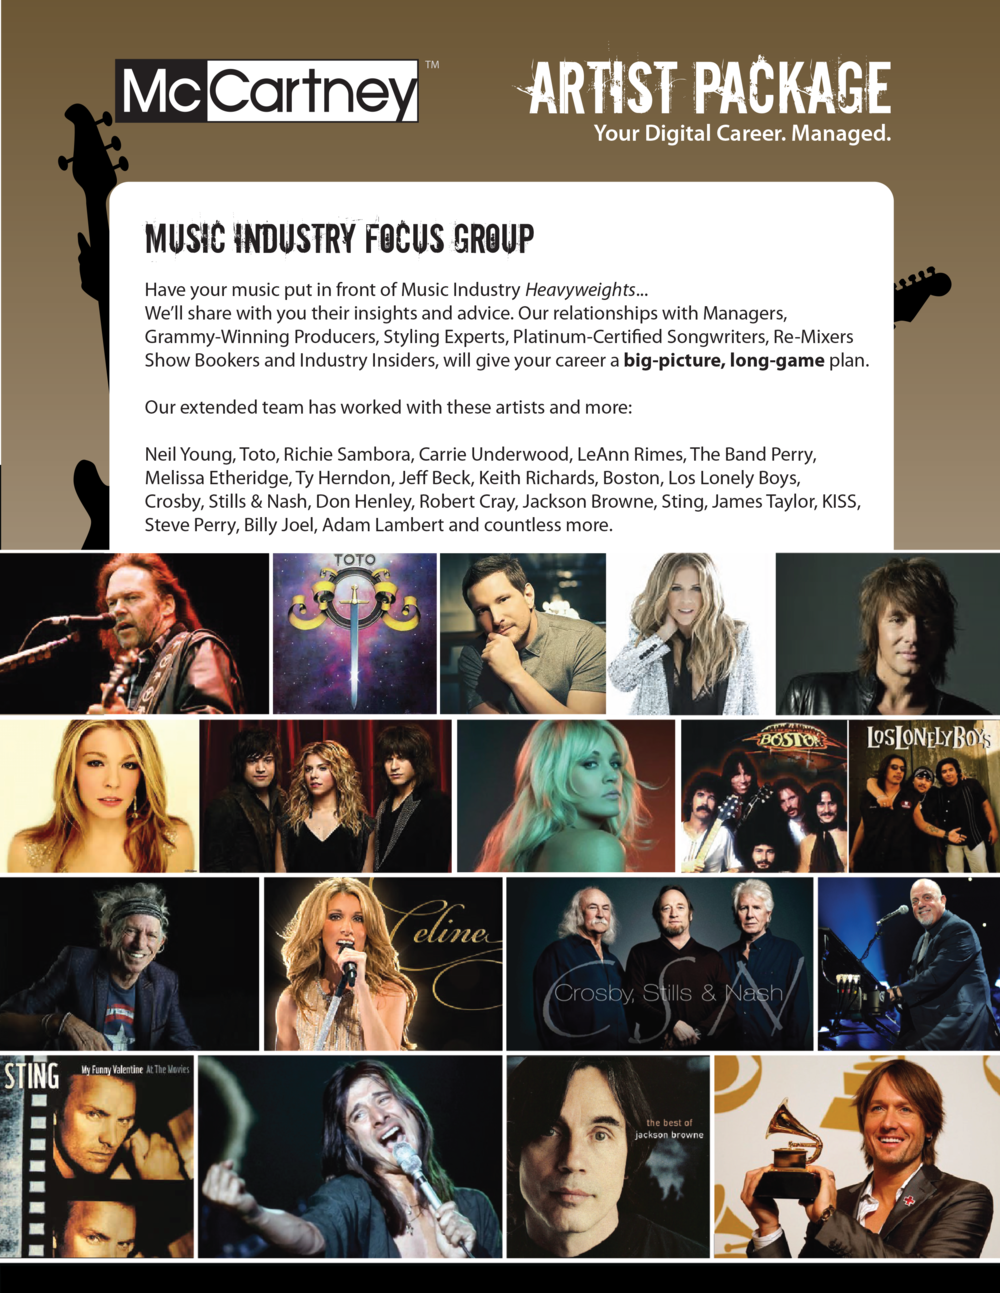 McCartney-Artist-Package-Industry-Focus.png